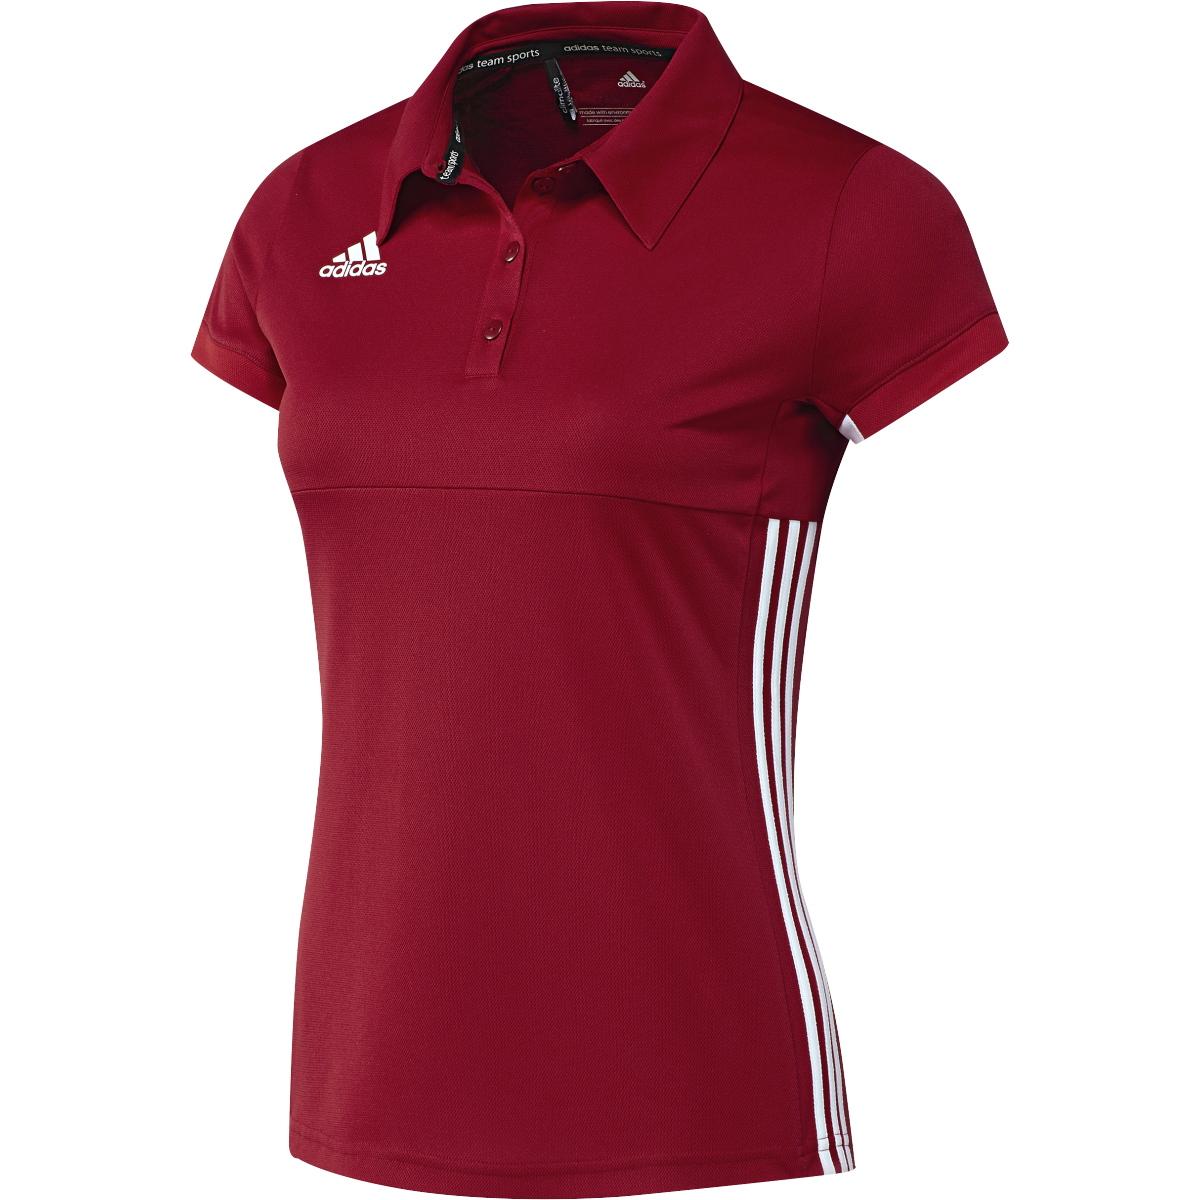 Hattinger Kampfsport Shop - adidas T16 Team Team Polo Damen power ... 8dd0abece5